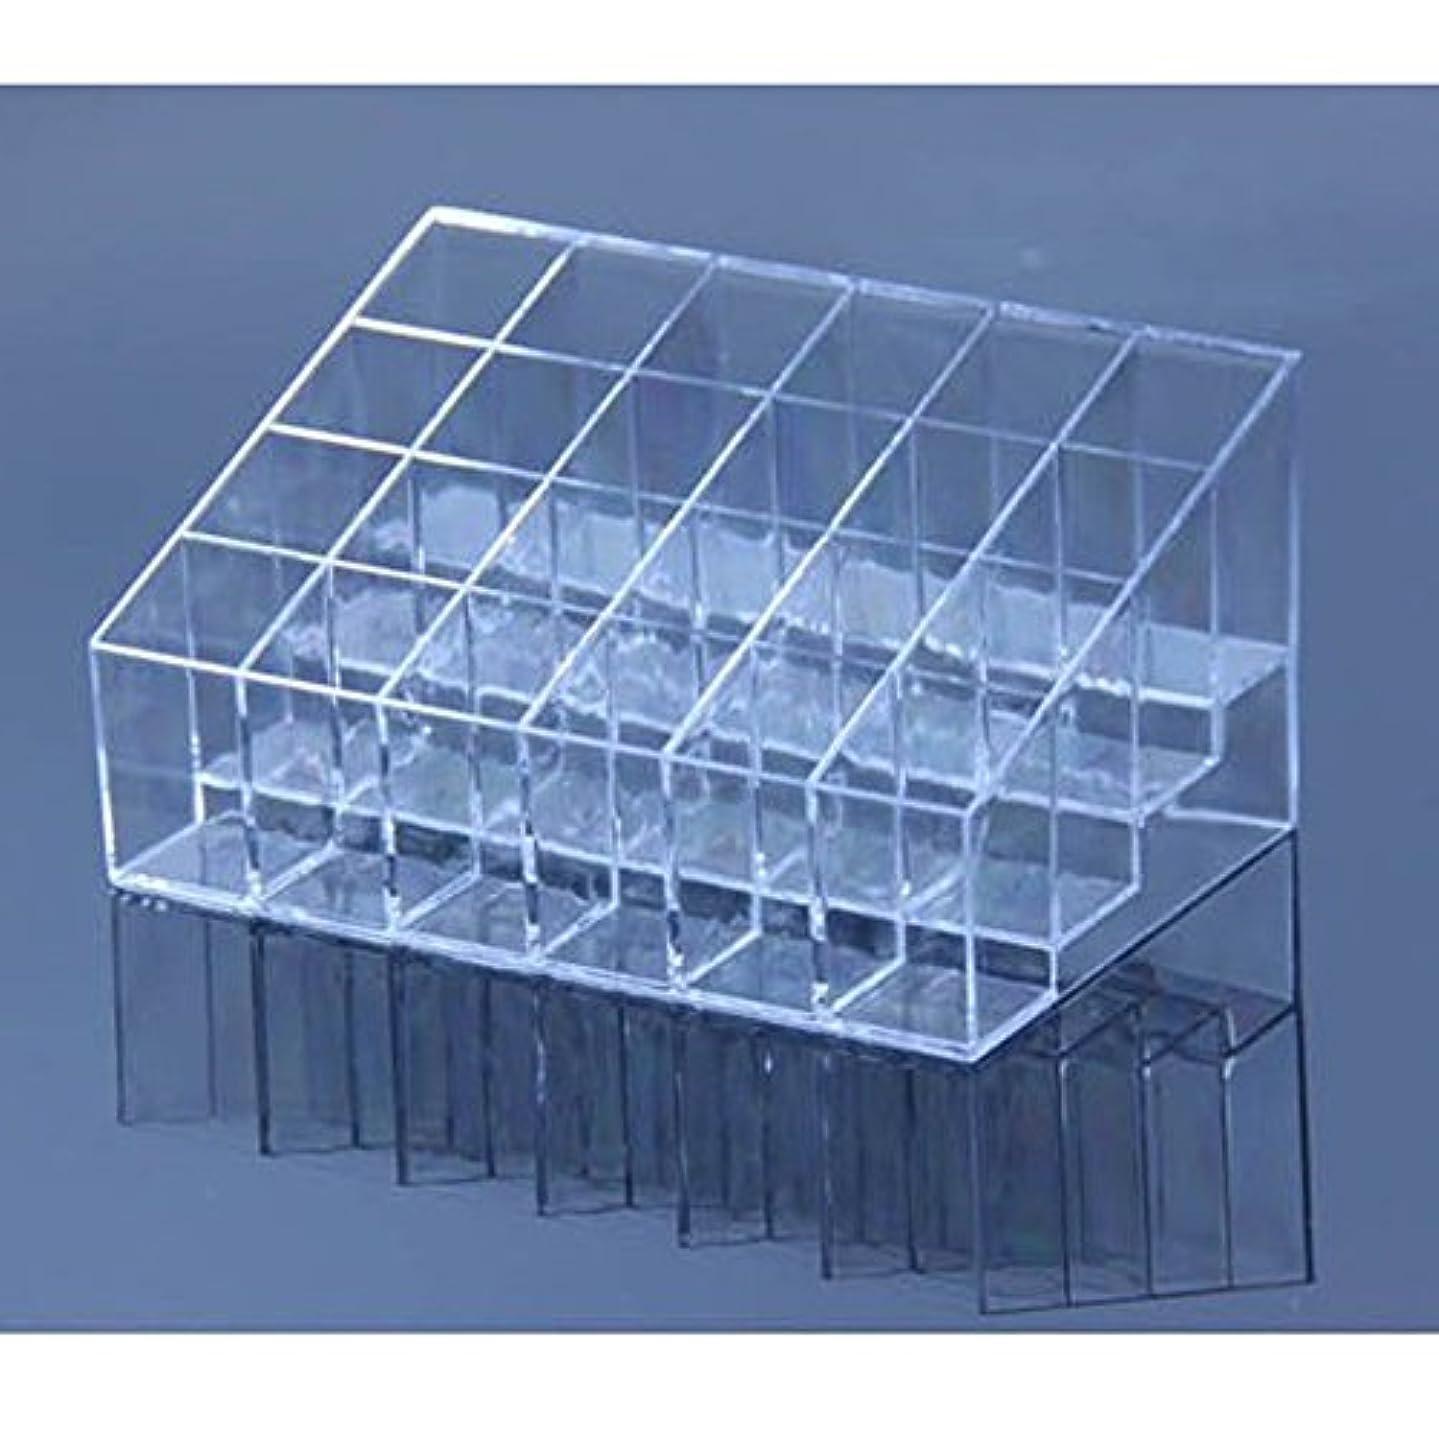 うねるわかる受け継ぐAYWS 口紅ホルダー 24区透明プラスチック製 台形メイクアップ 化粧品ディスプレイスタンド リップスティック ホルダー